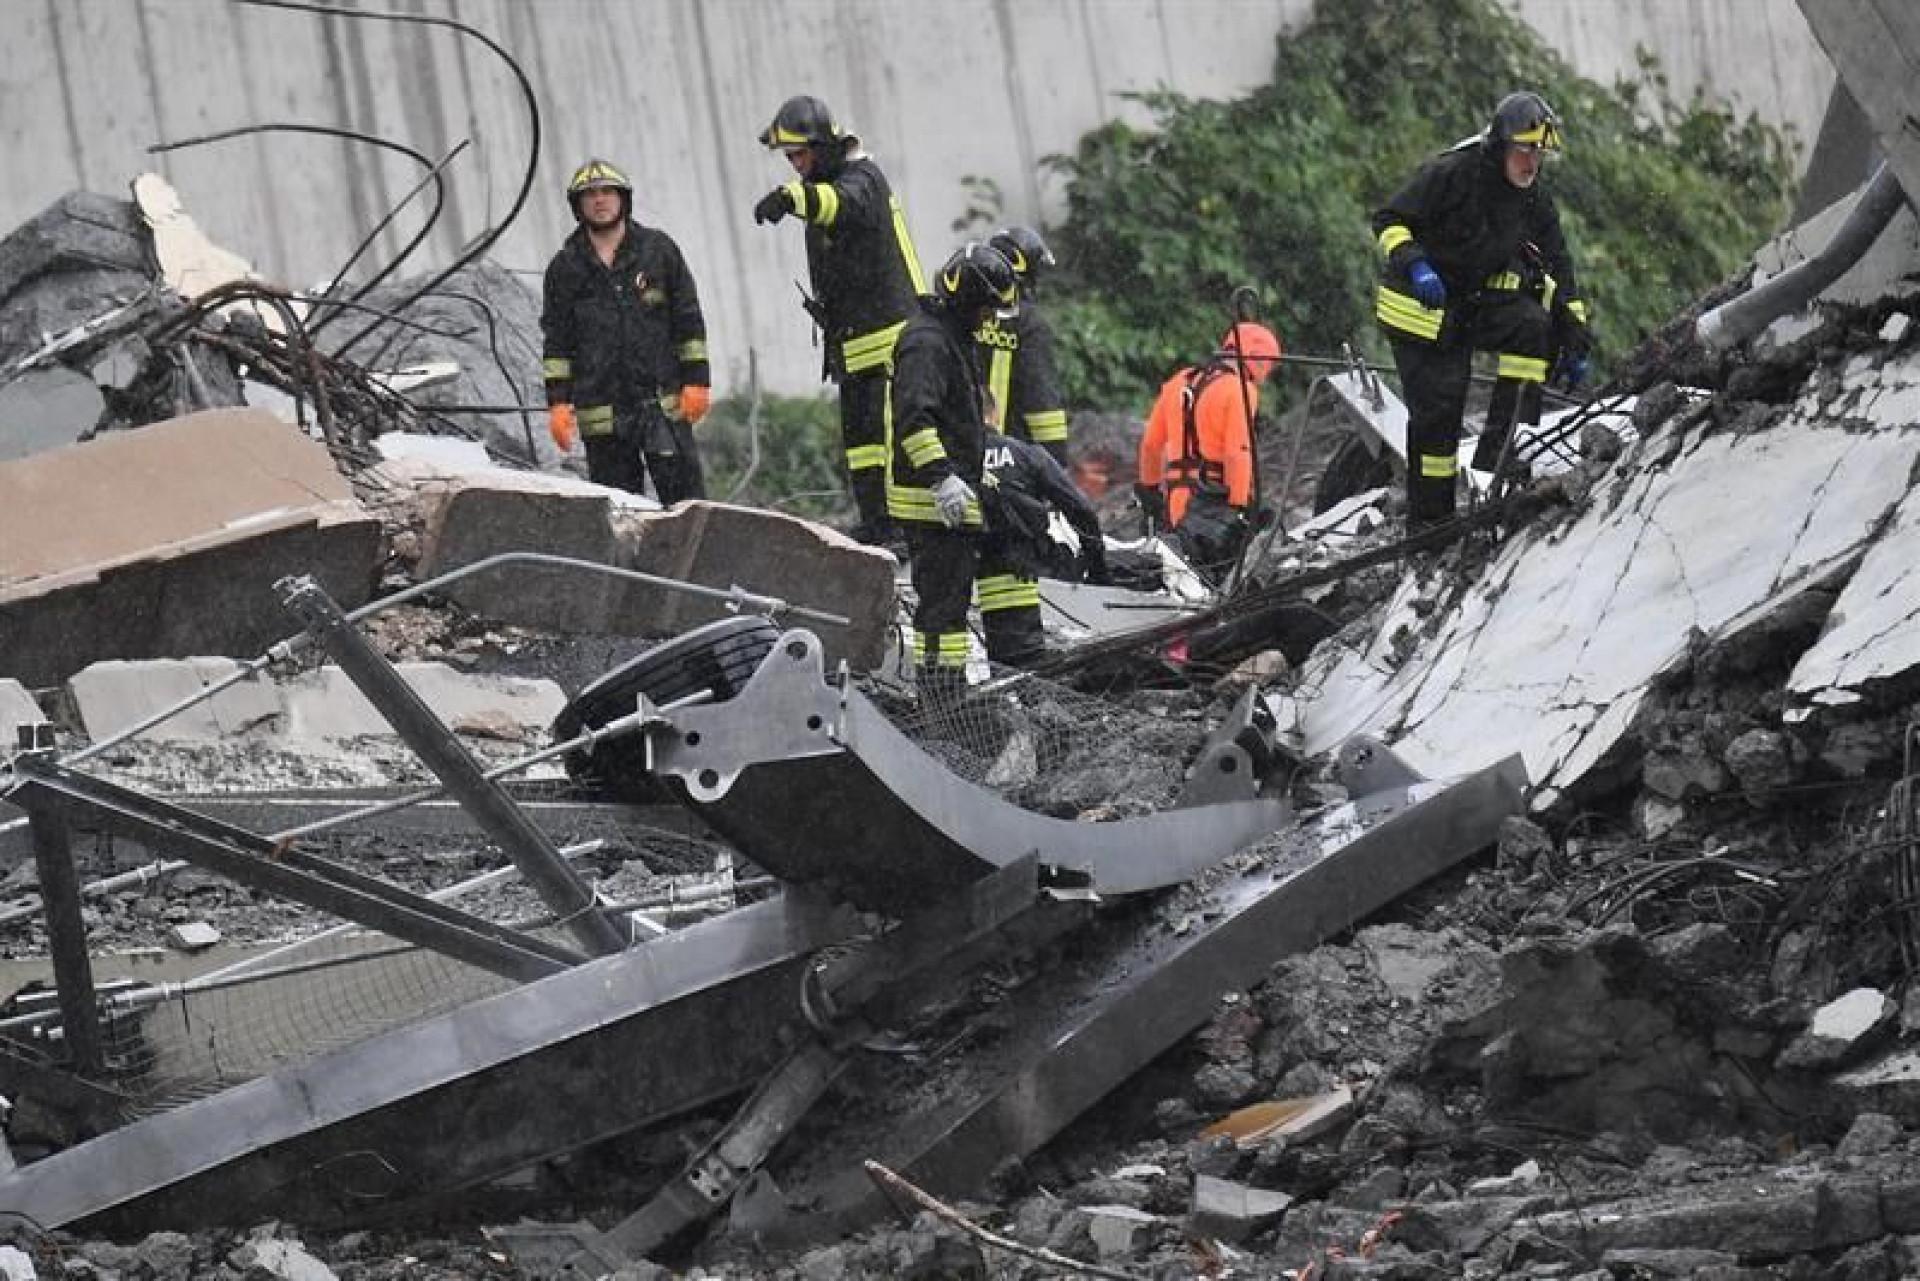 Prossegue resgate em Génova. Imagens mostram dimensão do acidente